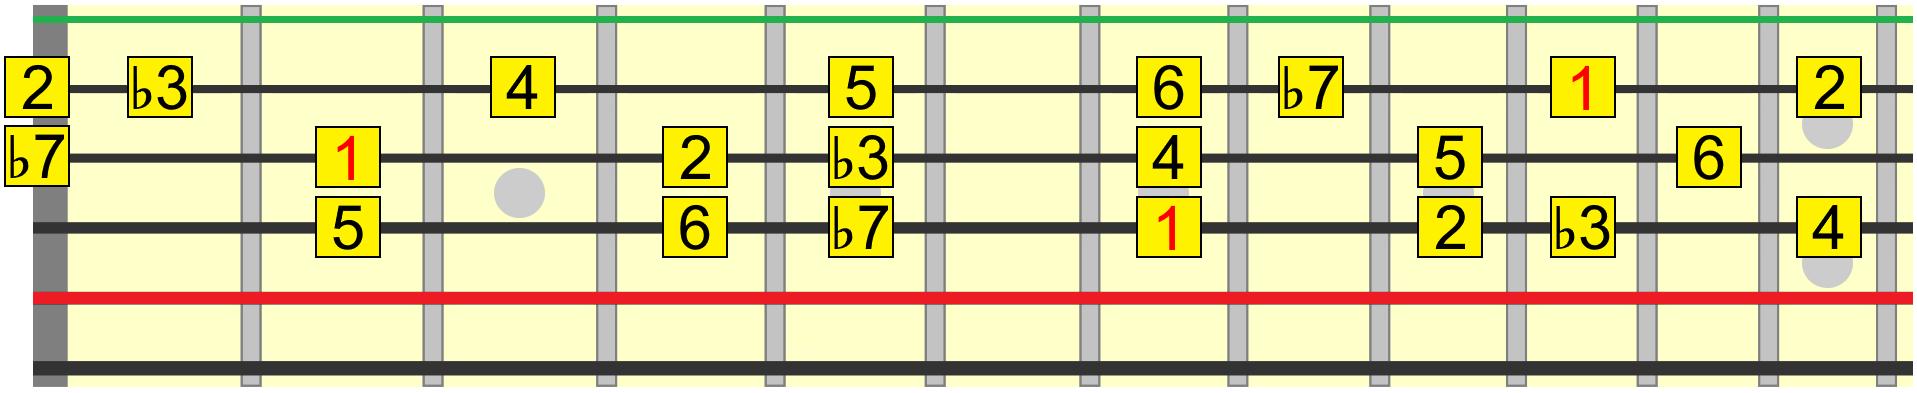 Dorian harmony roadmap